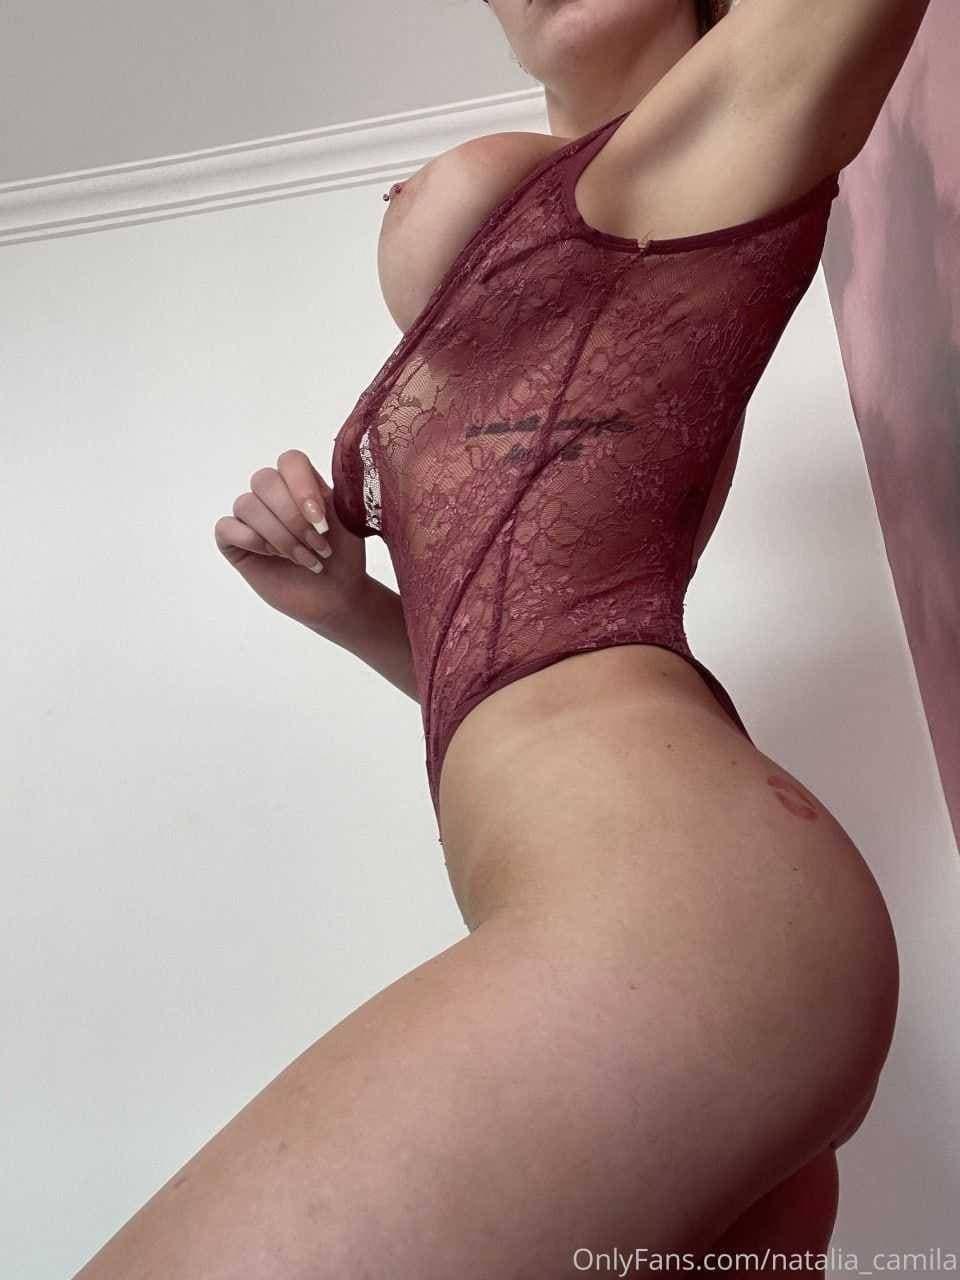 Fotos de Chicas morbosas desnudas y con cara de muy zorras